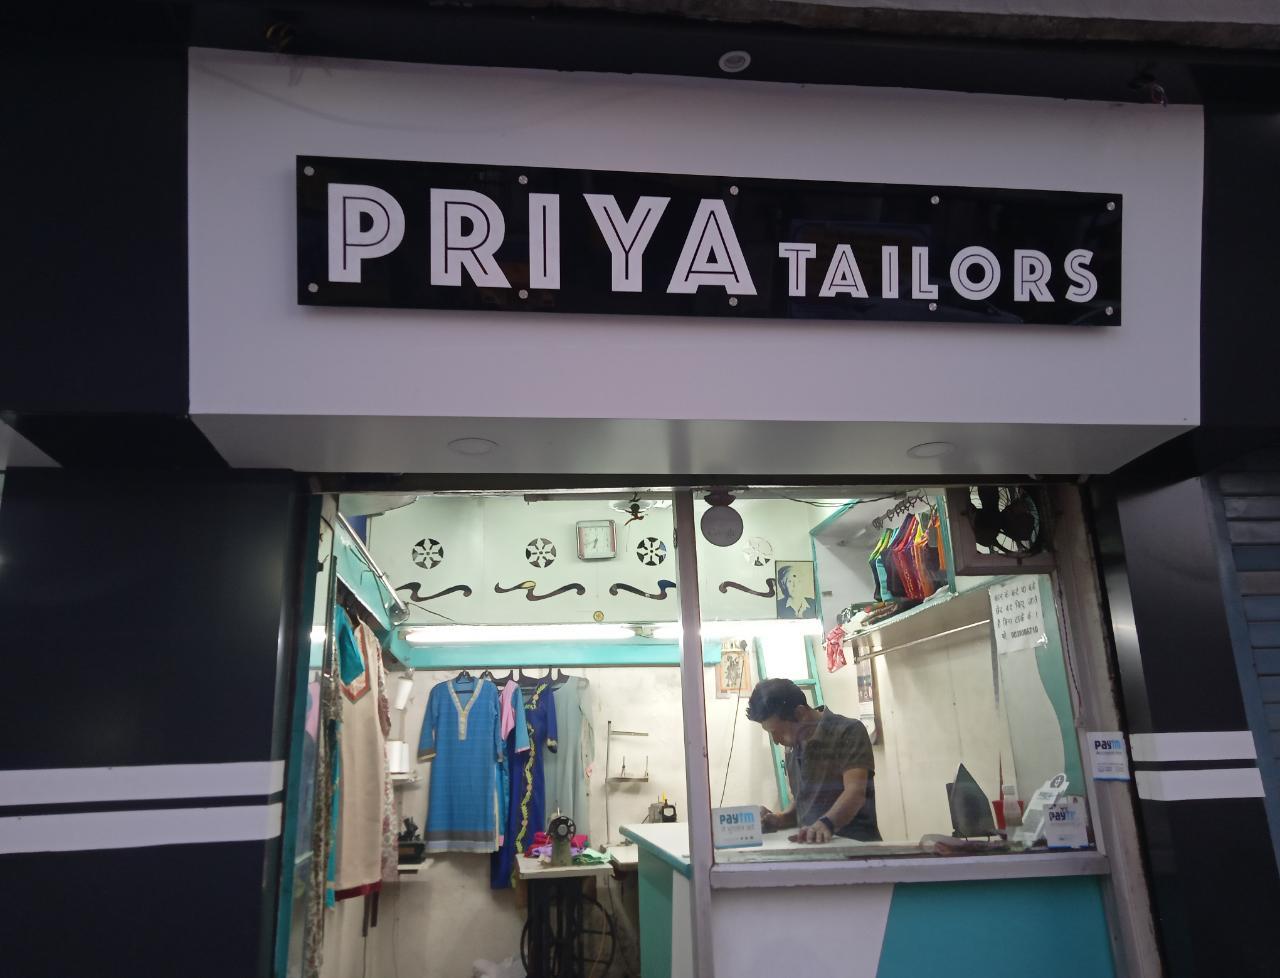 Priya Tailors & Boutique